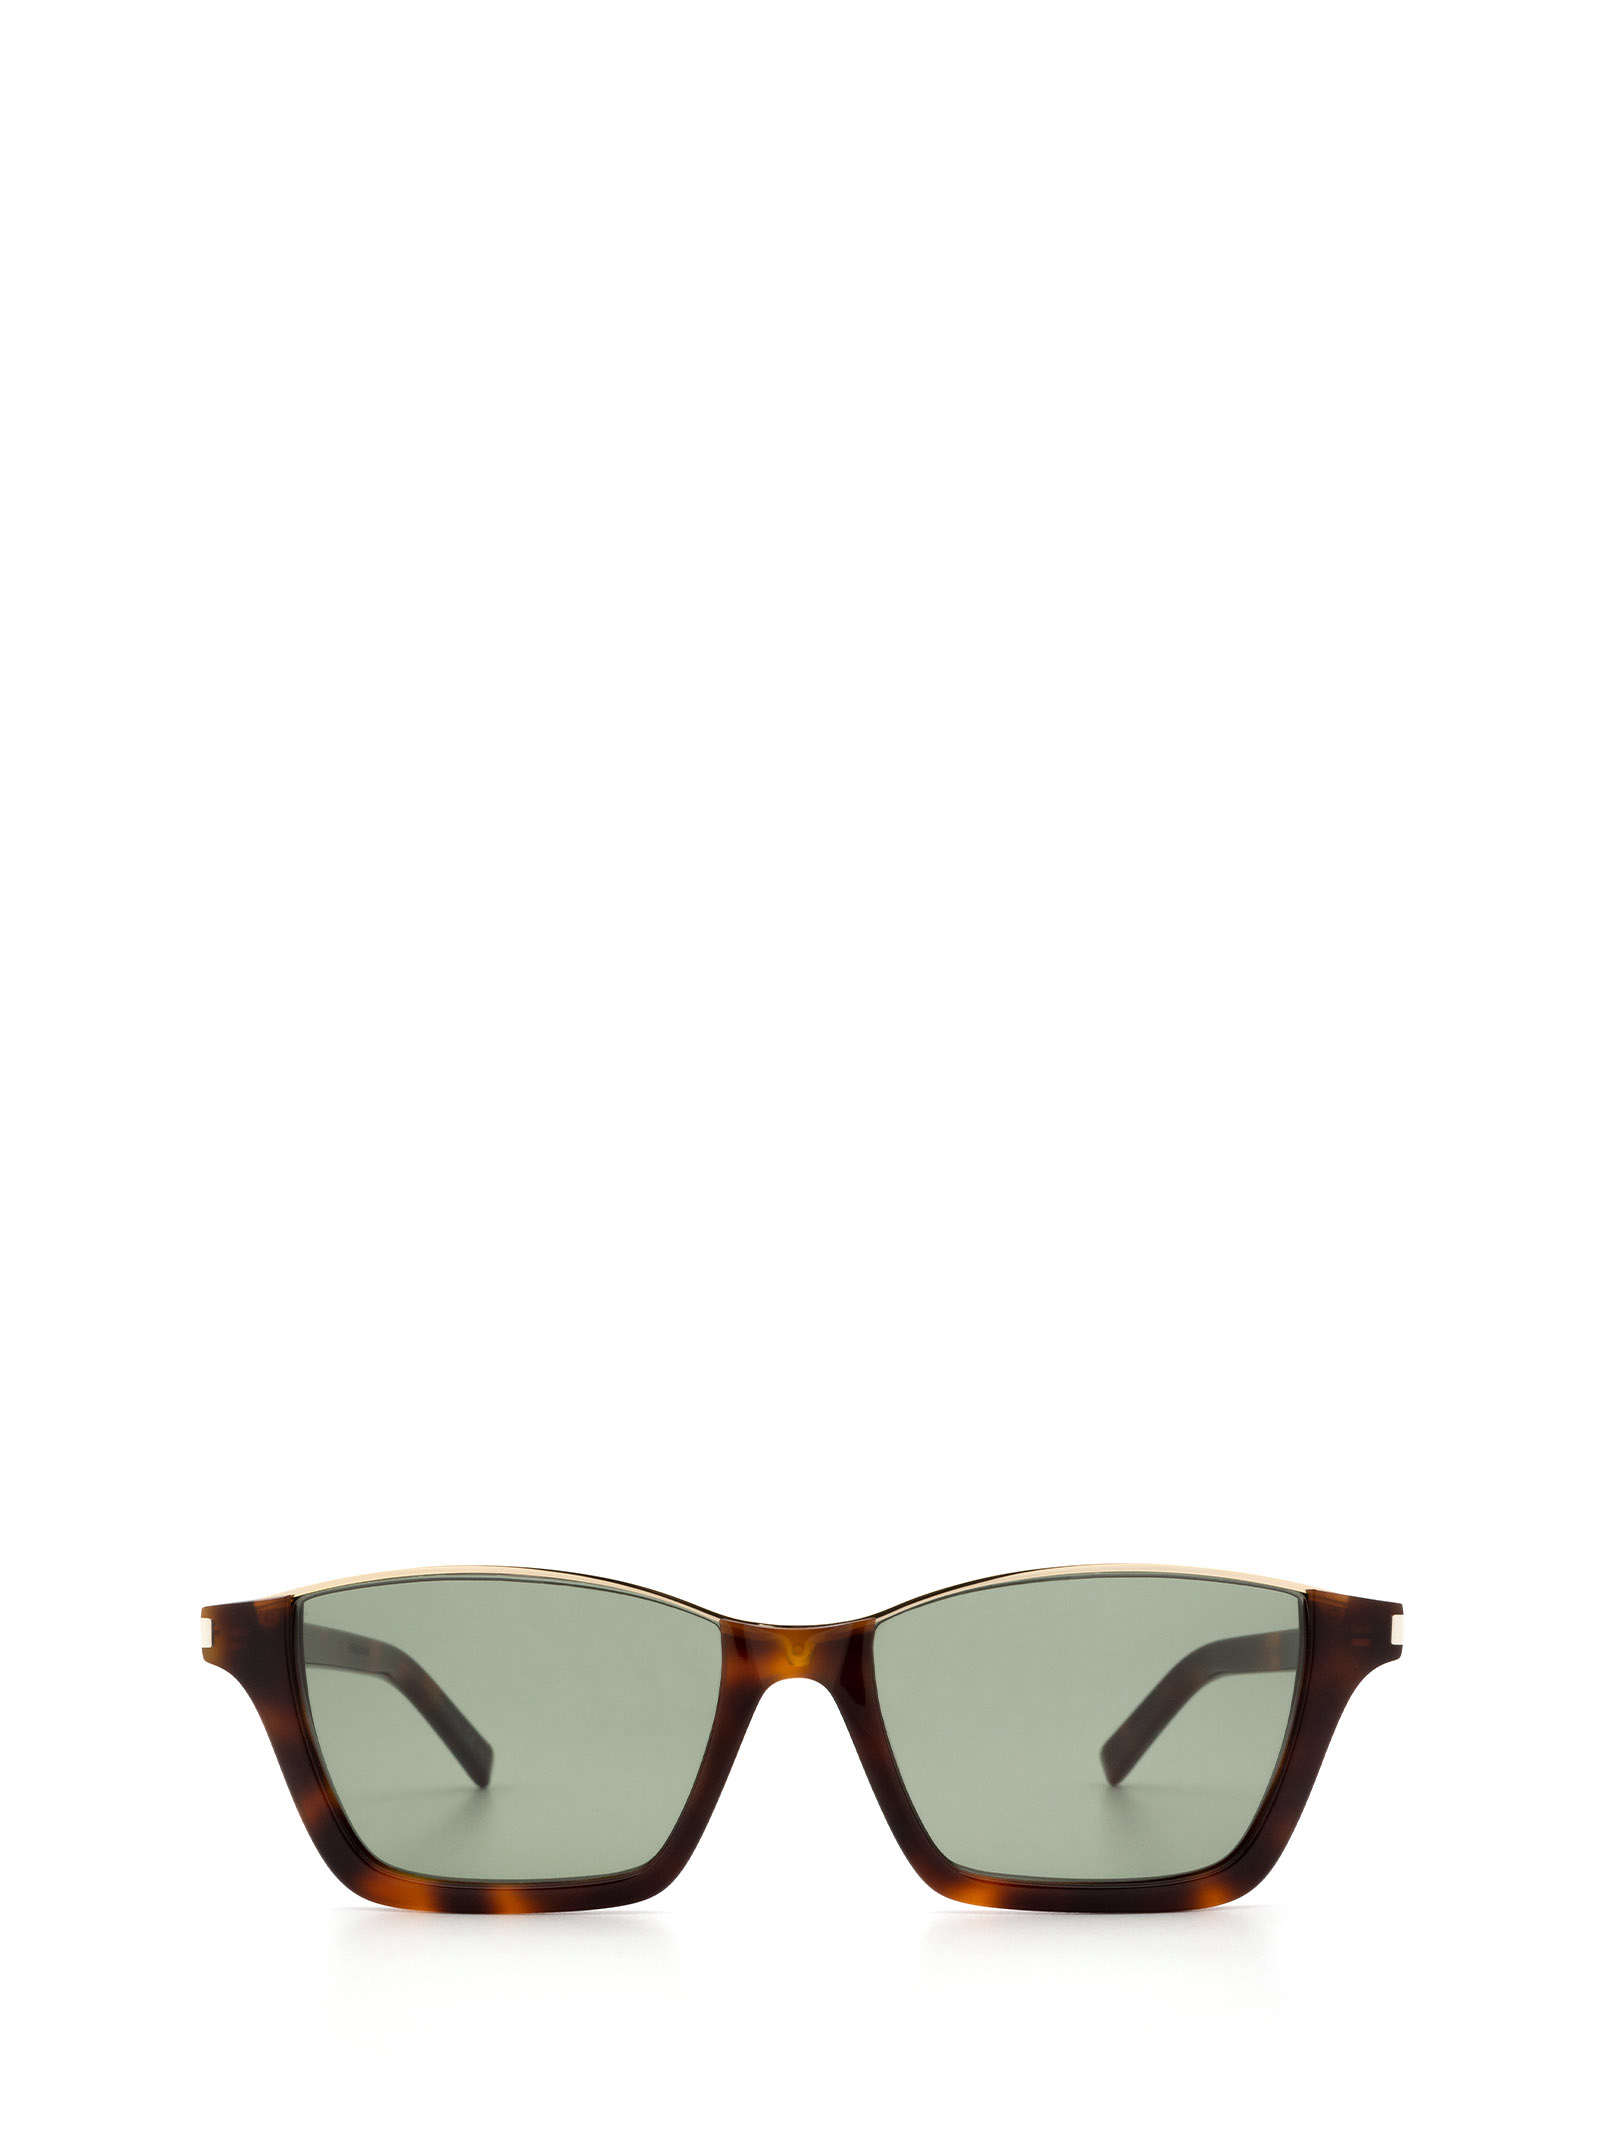 Saint Laurent Saint Laurent Sl365 002 Sunglasses